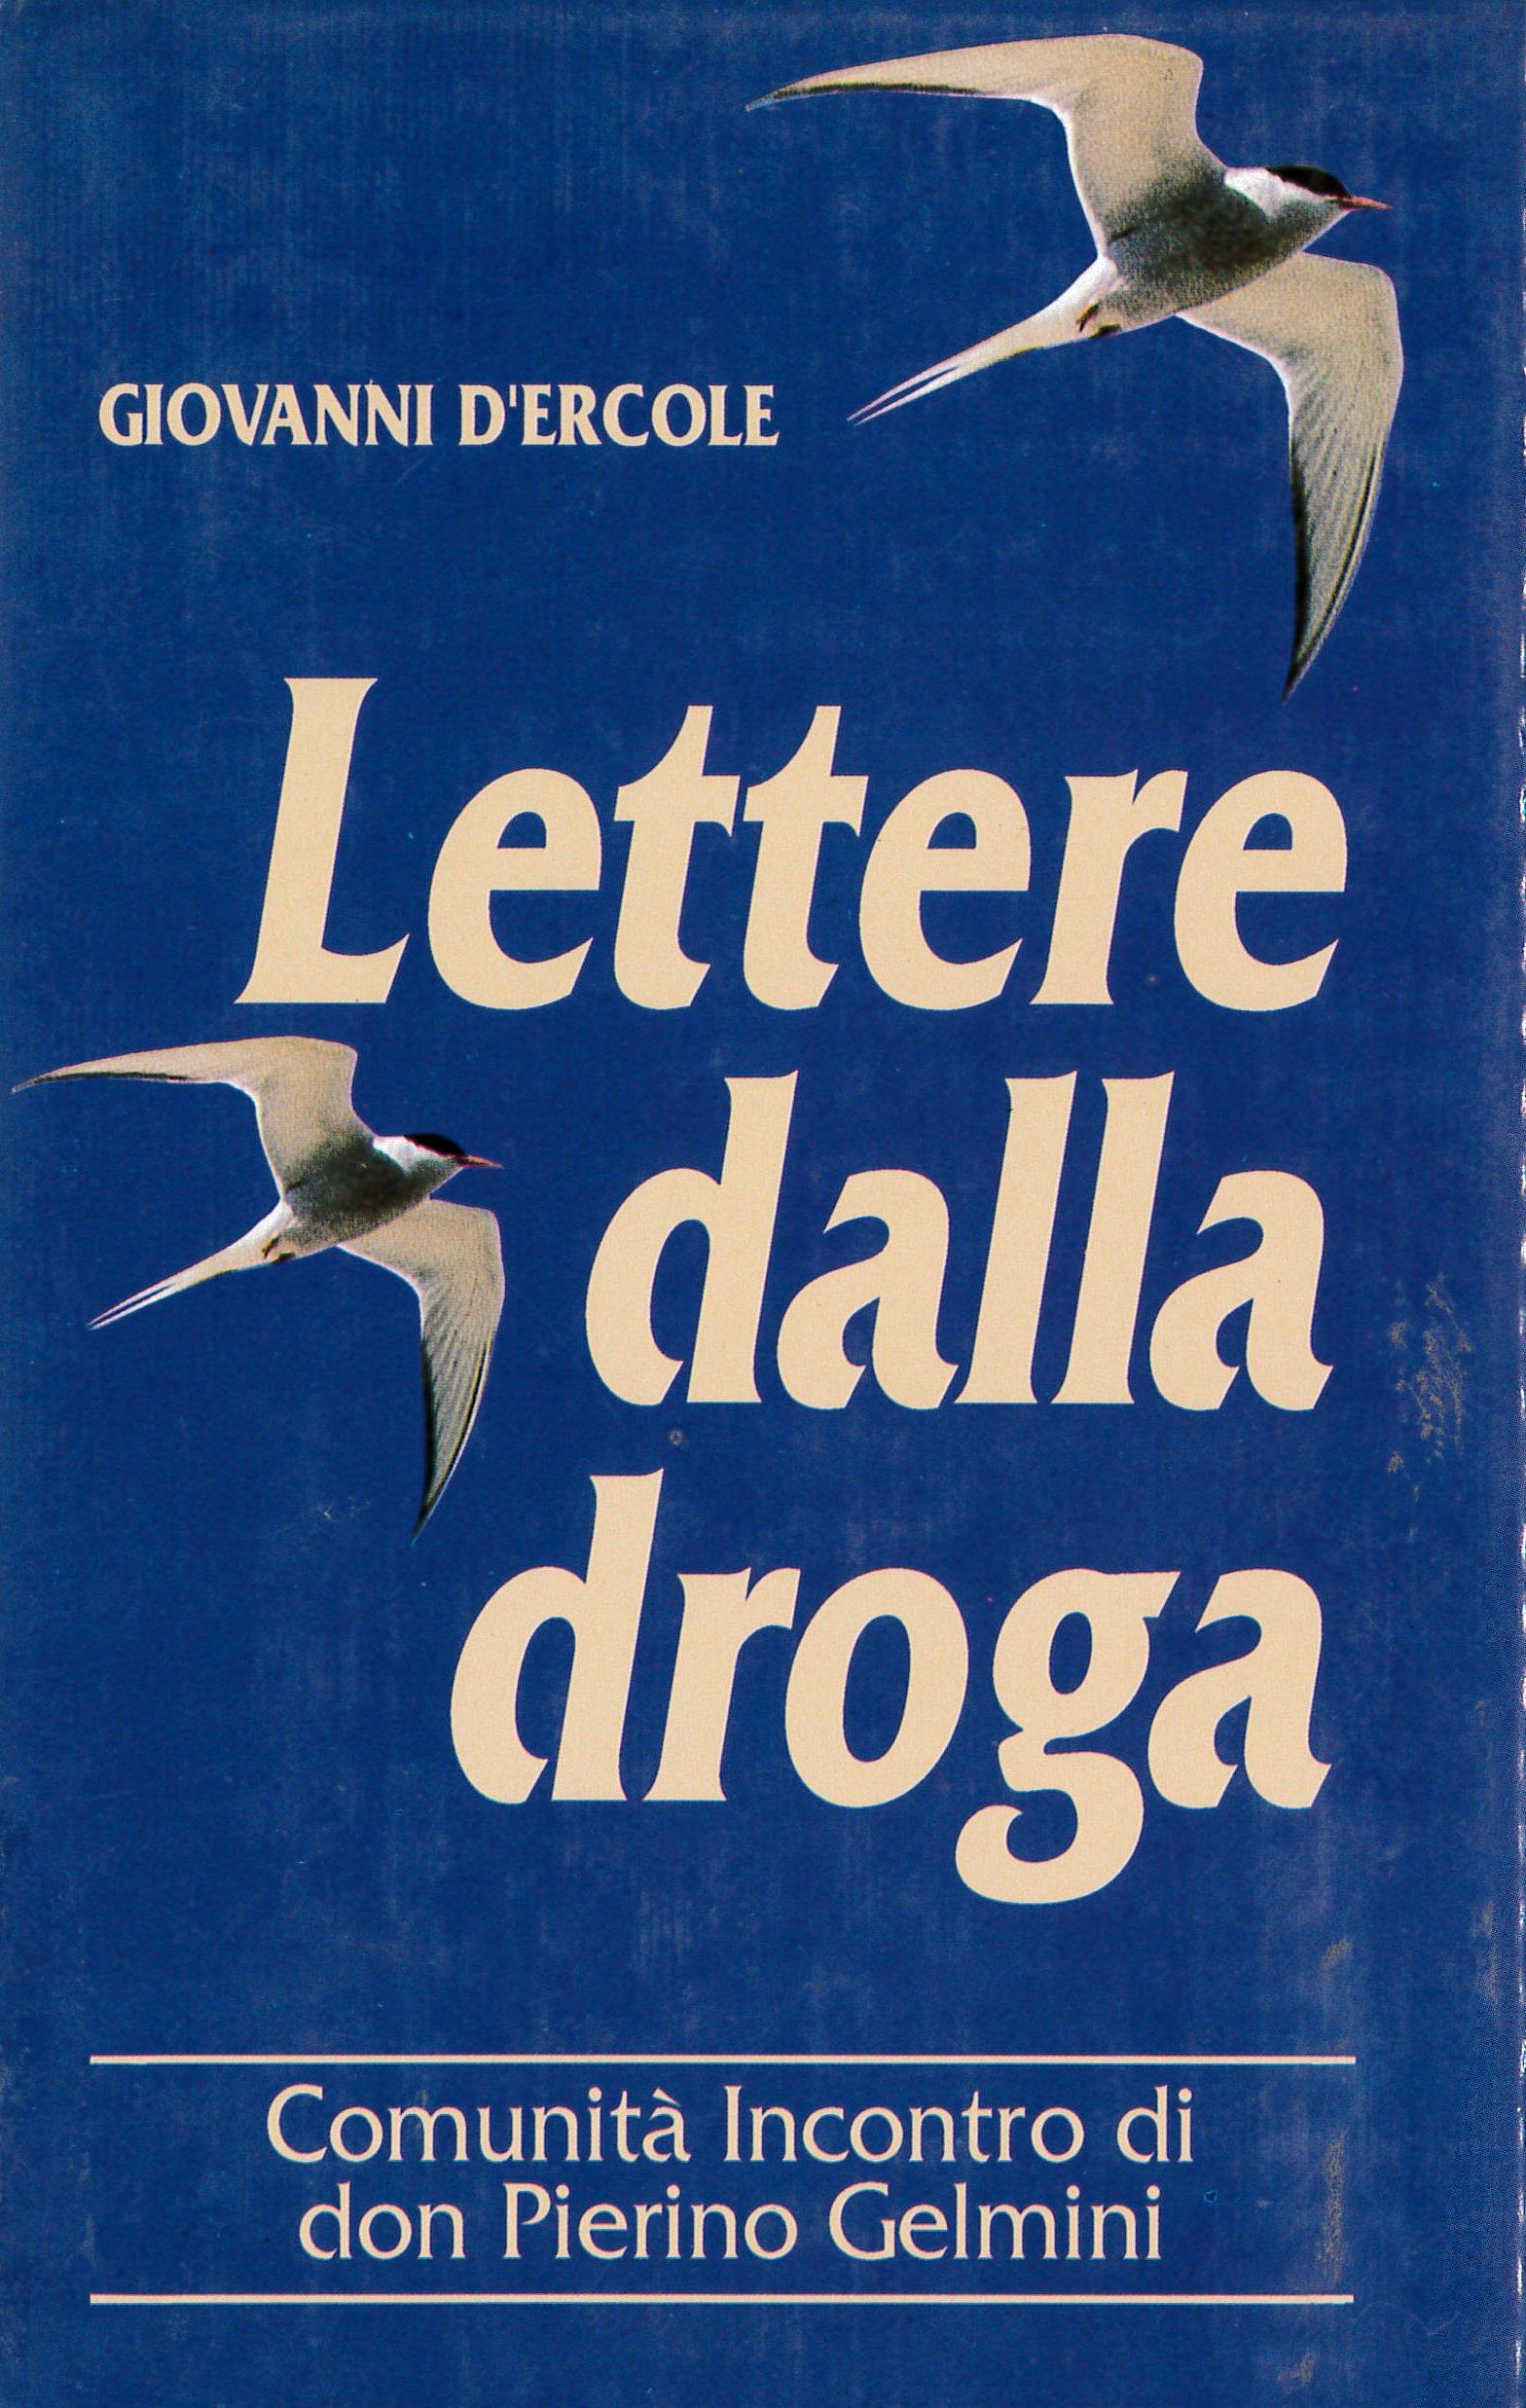 Lettere dalla droga Vescovo Giovanni D'Ercole